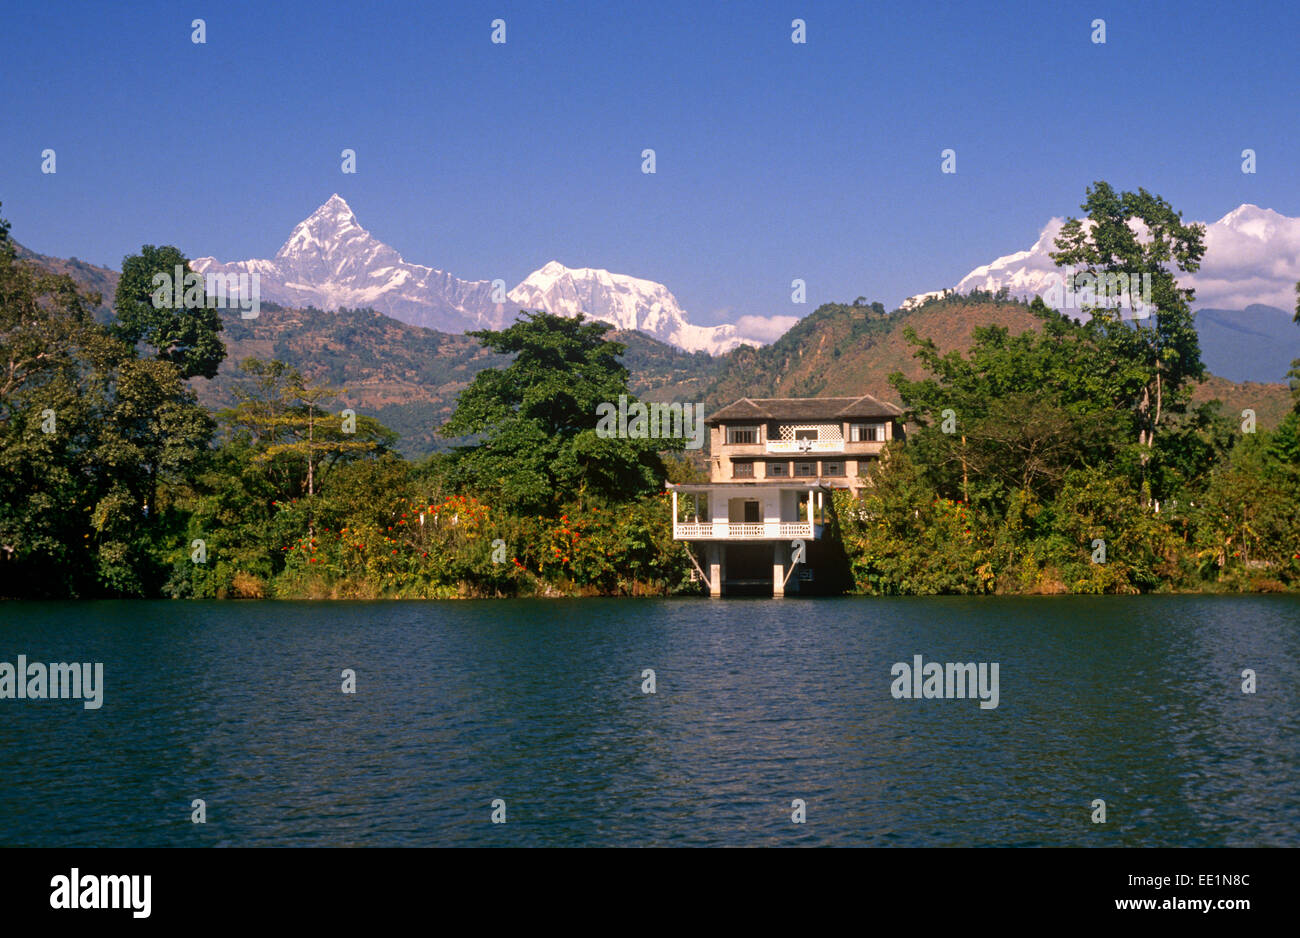 House by Phewa Lake, Pokhara, Nepal, Annapurna mountain range in background - Stock Image